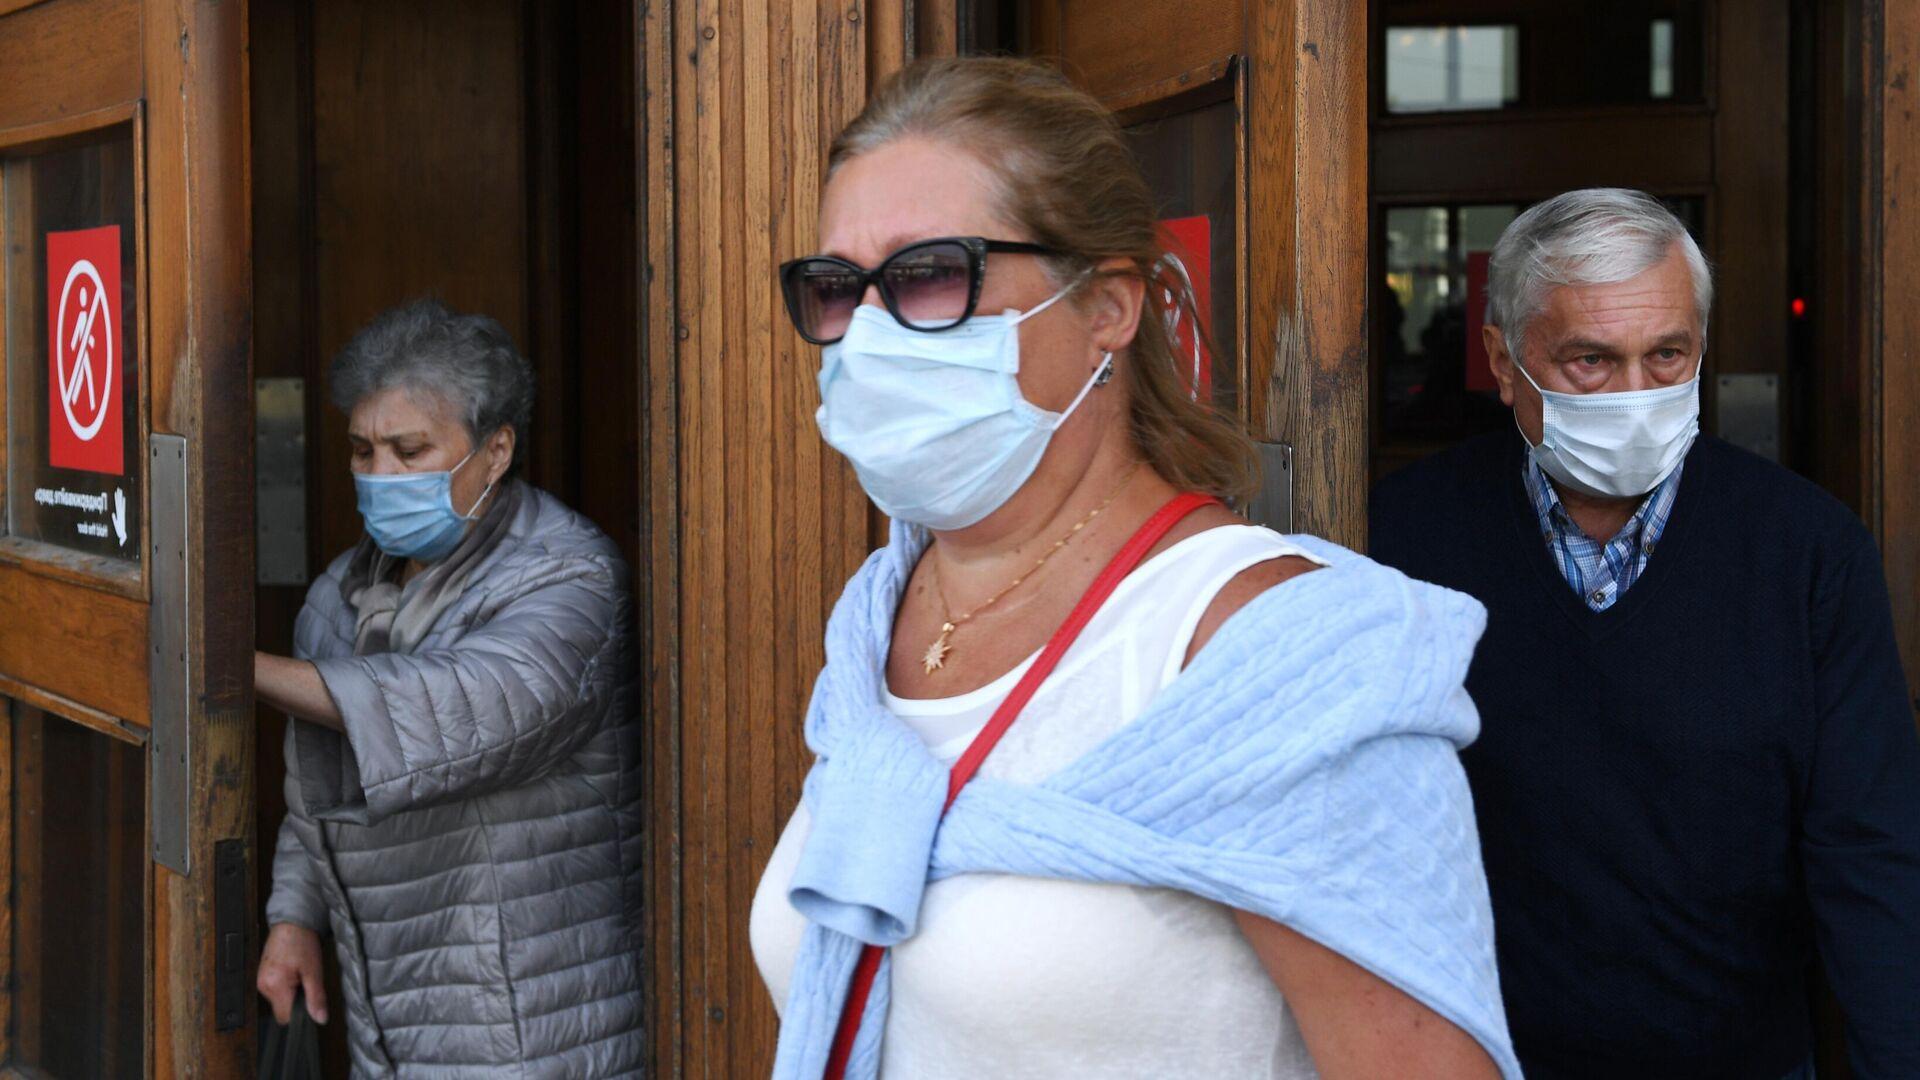 Пассажиры в медицинских масках выходят из вестибюля станции метро Парк культуры в Москве - РИА Новости, 1920, 12.06.2021